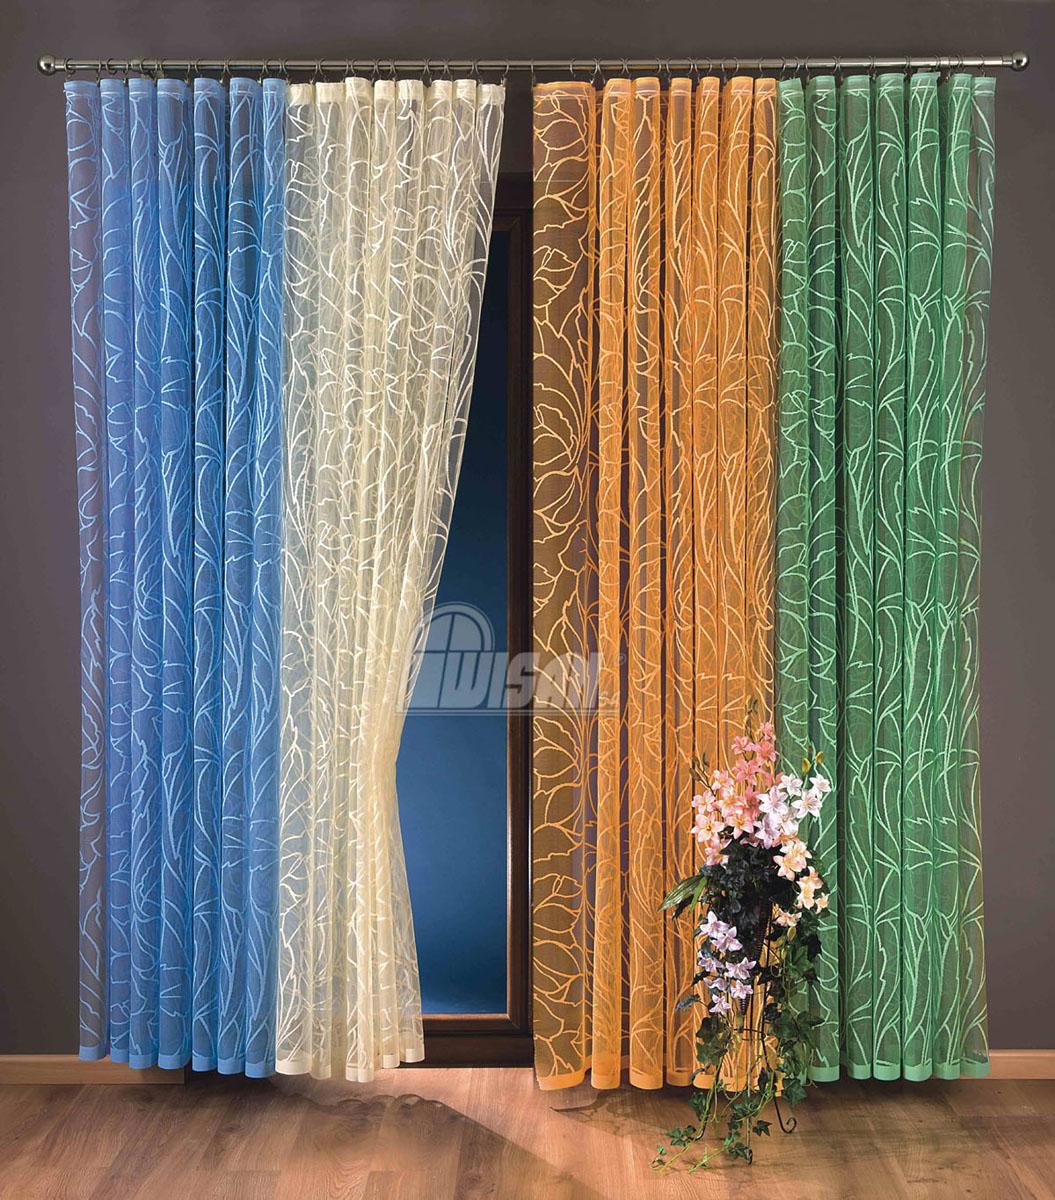 Гардина-тюль Zara, на ленте, цвет: голубой, высота 250 смS03301004Воздушная гардина-тюль Zara, изготовленная из полиэстера голубого цвета, станет великолепным украшением любого окна. Тонкое плетение, оригинальный дизайн и приятная цветовая гамма привлекут к себе внимание и органично впишутся в интерьер комнаты. В гардину-тюль вшита шторная лента. Характеристики:Материал: 100% полиэстер. Цвет: голубой. Размер упаковки:27 см х 36 см х 3 см. Артикул: 737871.В комплект входит:Гардина-тюль - 1 шт. Размер (Ш х В): 150 см х 250 см. Фирма Wisan на польском рынке существует уже более пятидесяти лет и является одной из лучших польских фабрик по производству штор и тканей. Ассортимент фирмы представлен готовыми комплектами штор для гостиной, детской, кухни, а также текстилем для кухни (скатерти, салфетки, дорожки, кухонные занавески). Модельный ряд отличает оригинальный дизайн, высокое качество. Ассортимент продукции постоянно пополняется.УВАЖАЕМЫЕ КЛИЕНТЫ!Обращаем ваше внимание на цвет изделия. Цветовой вариант гардины-тюли, данной в интерьере, служит для визуального восприятия товара. Цветовая гамма данной гардины-тюли представлена на отдельном изображении фрагментом ткани.